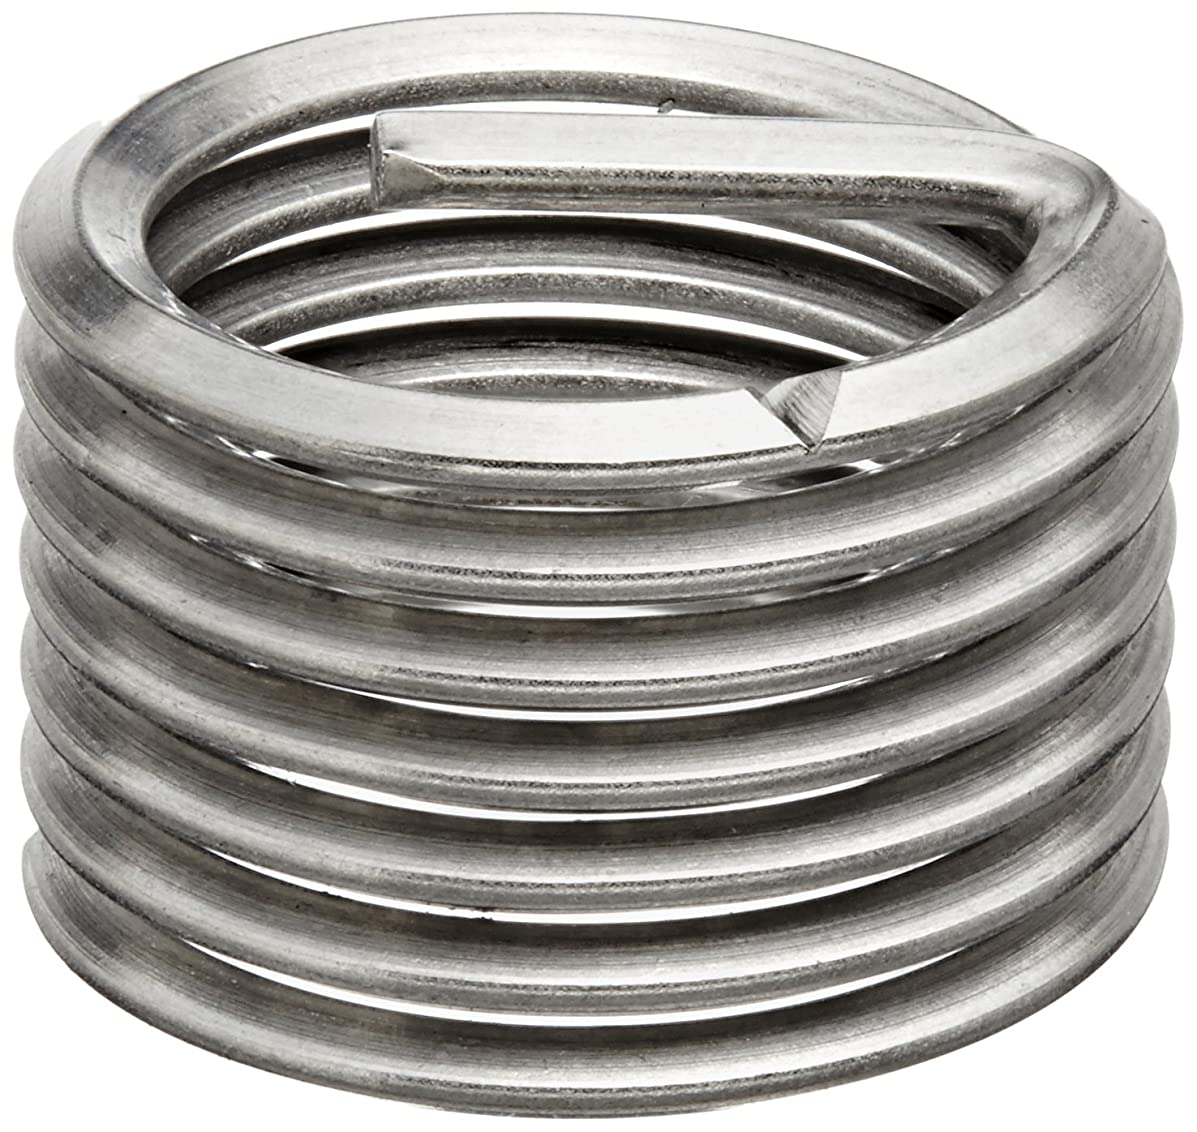 E-Z Lok Threaded Insert, 18-8 Stainless Steel, Helical, M3-0.5 Internal Threads, 4.5mm Length (Pack of 10)